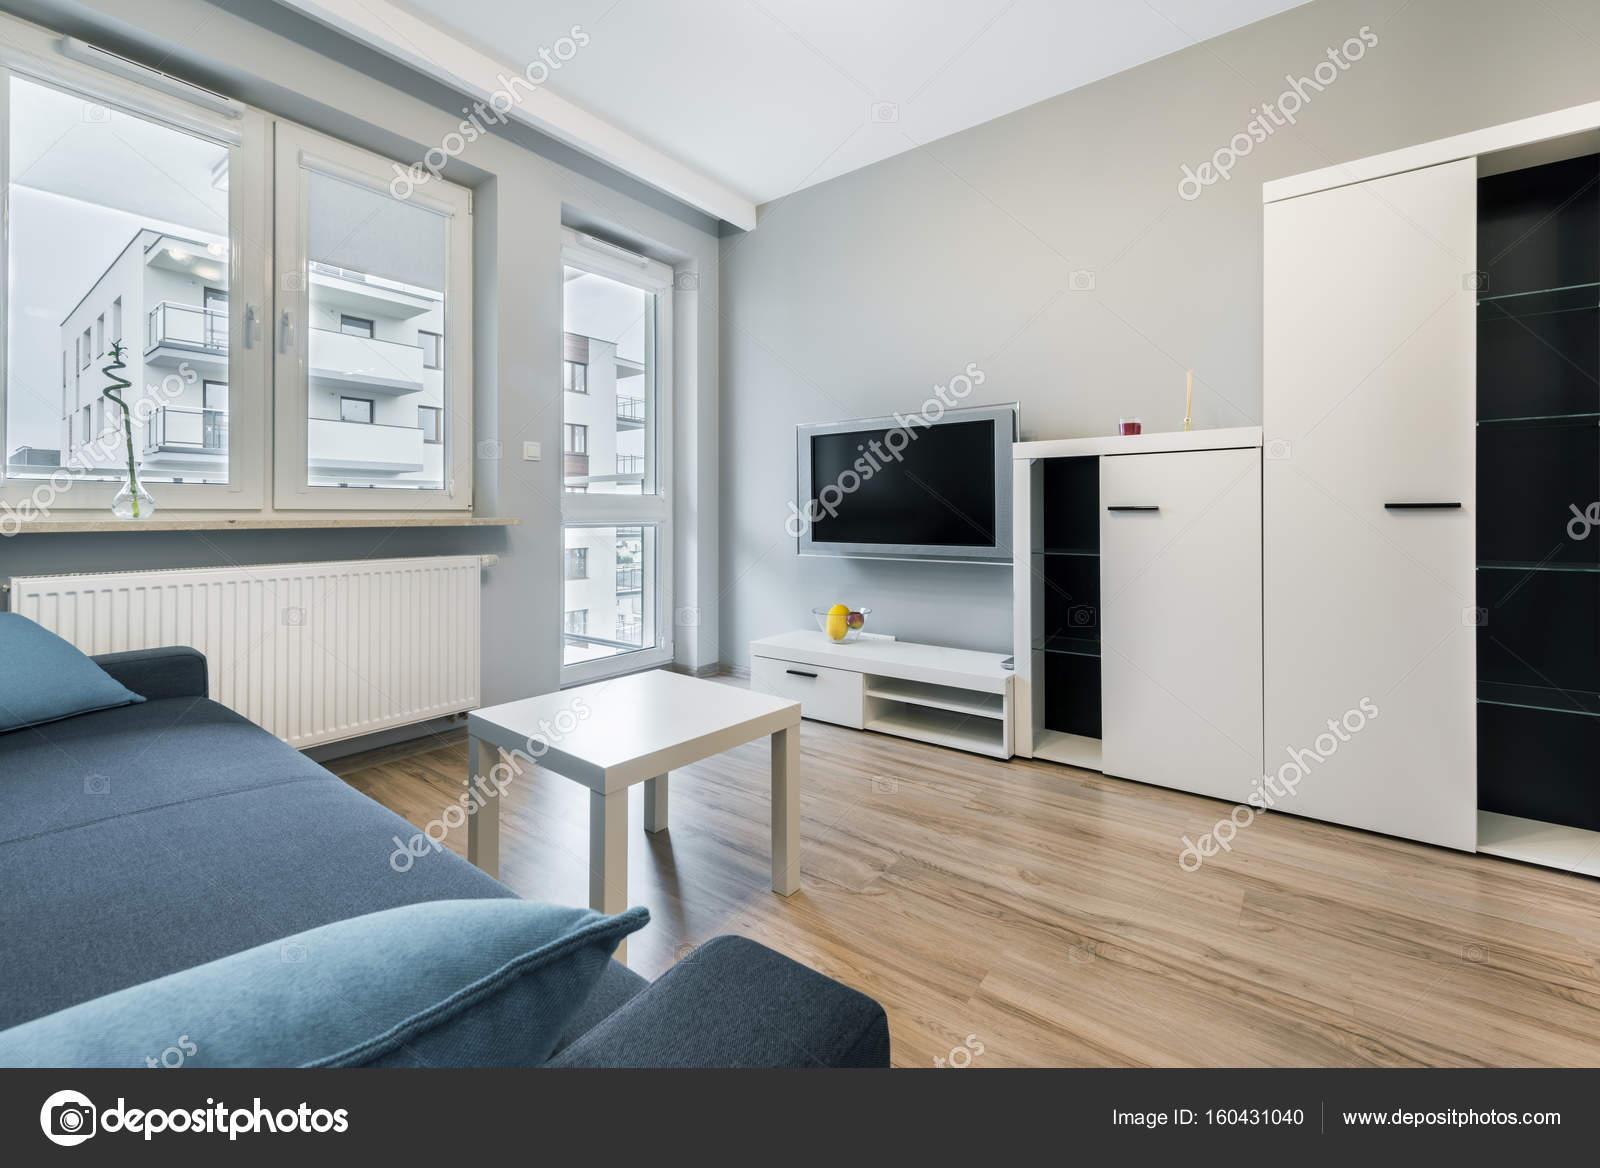 Moderne woonkamer met grijze wanden — Stockfoto © jacek_kadaj #160431040